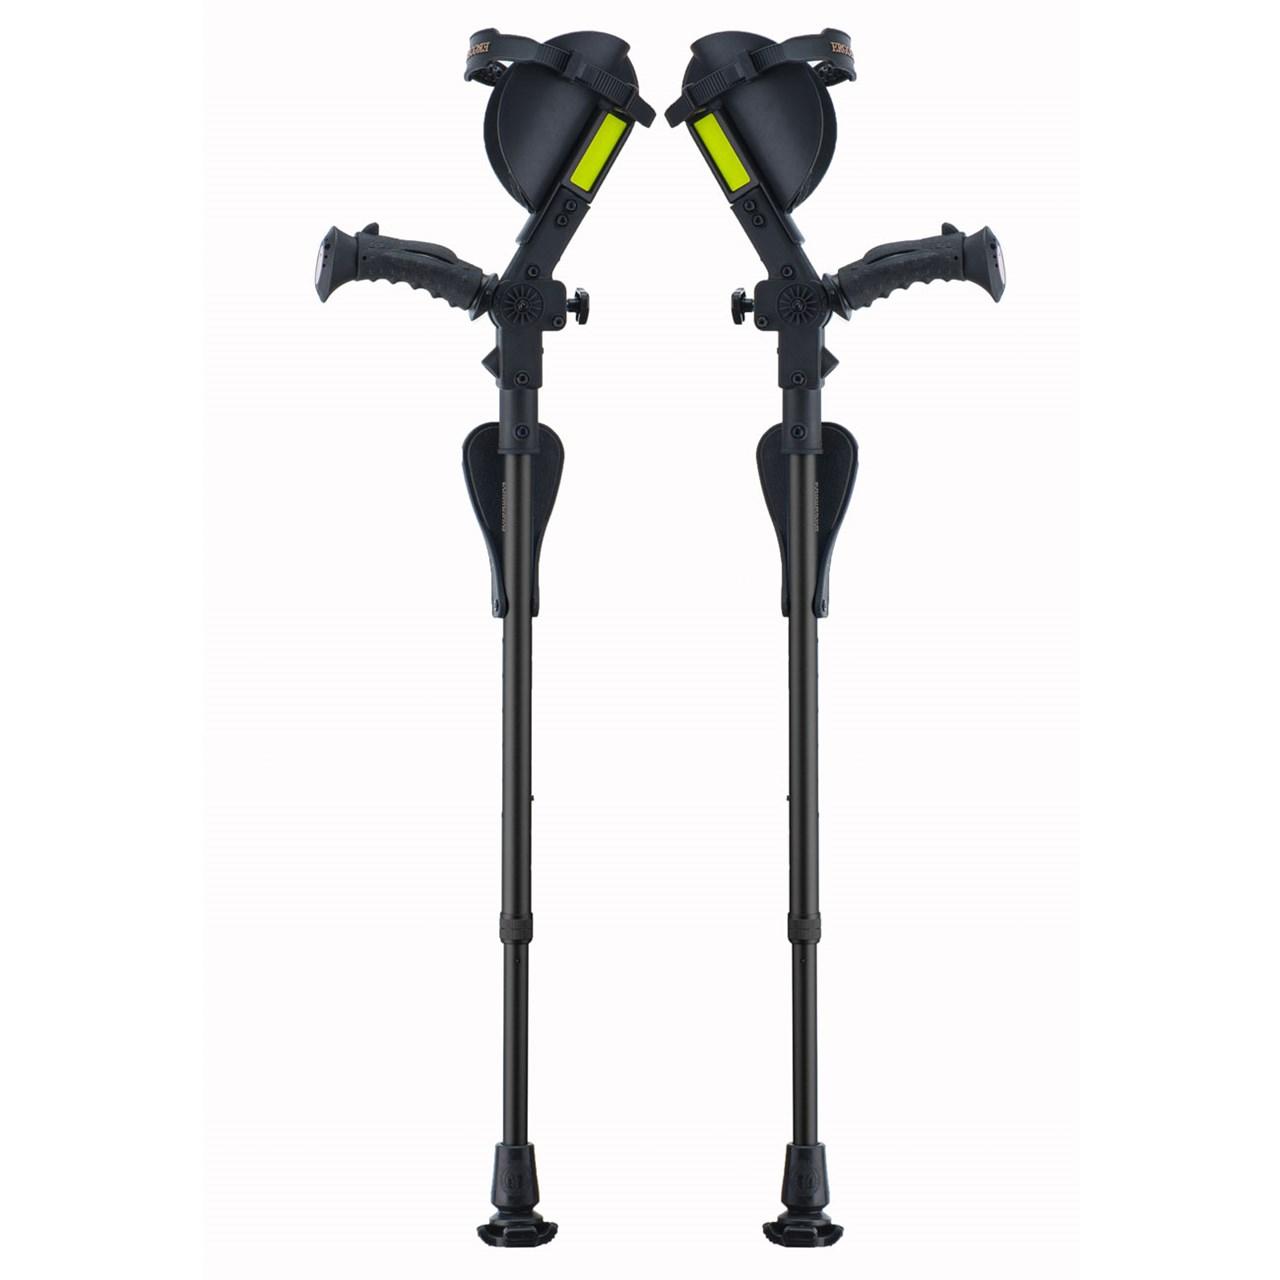 Ergobaum Junior Ergonomic Forearm Crutches - Juvenile - Black